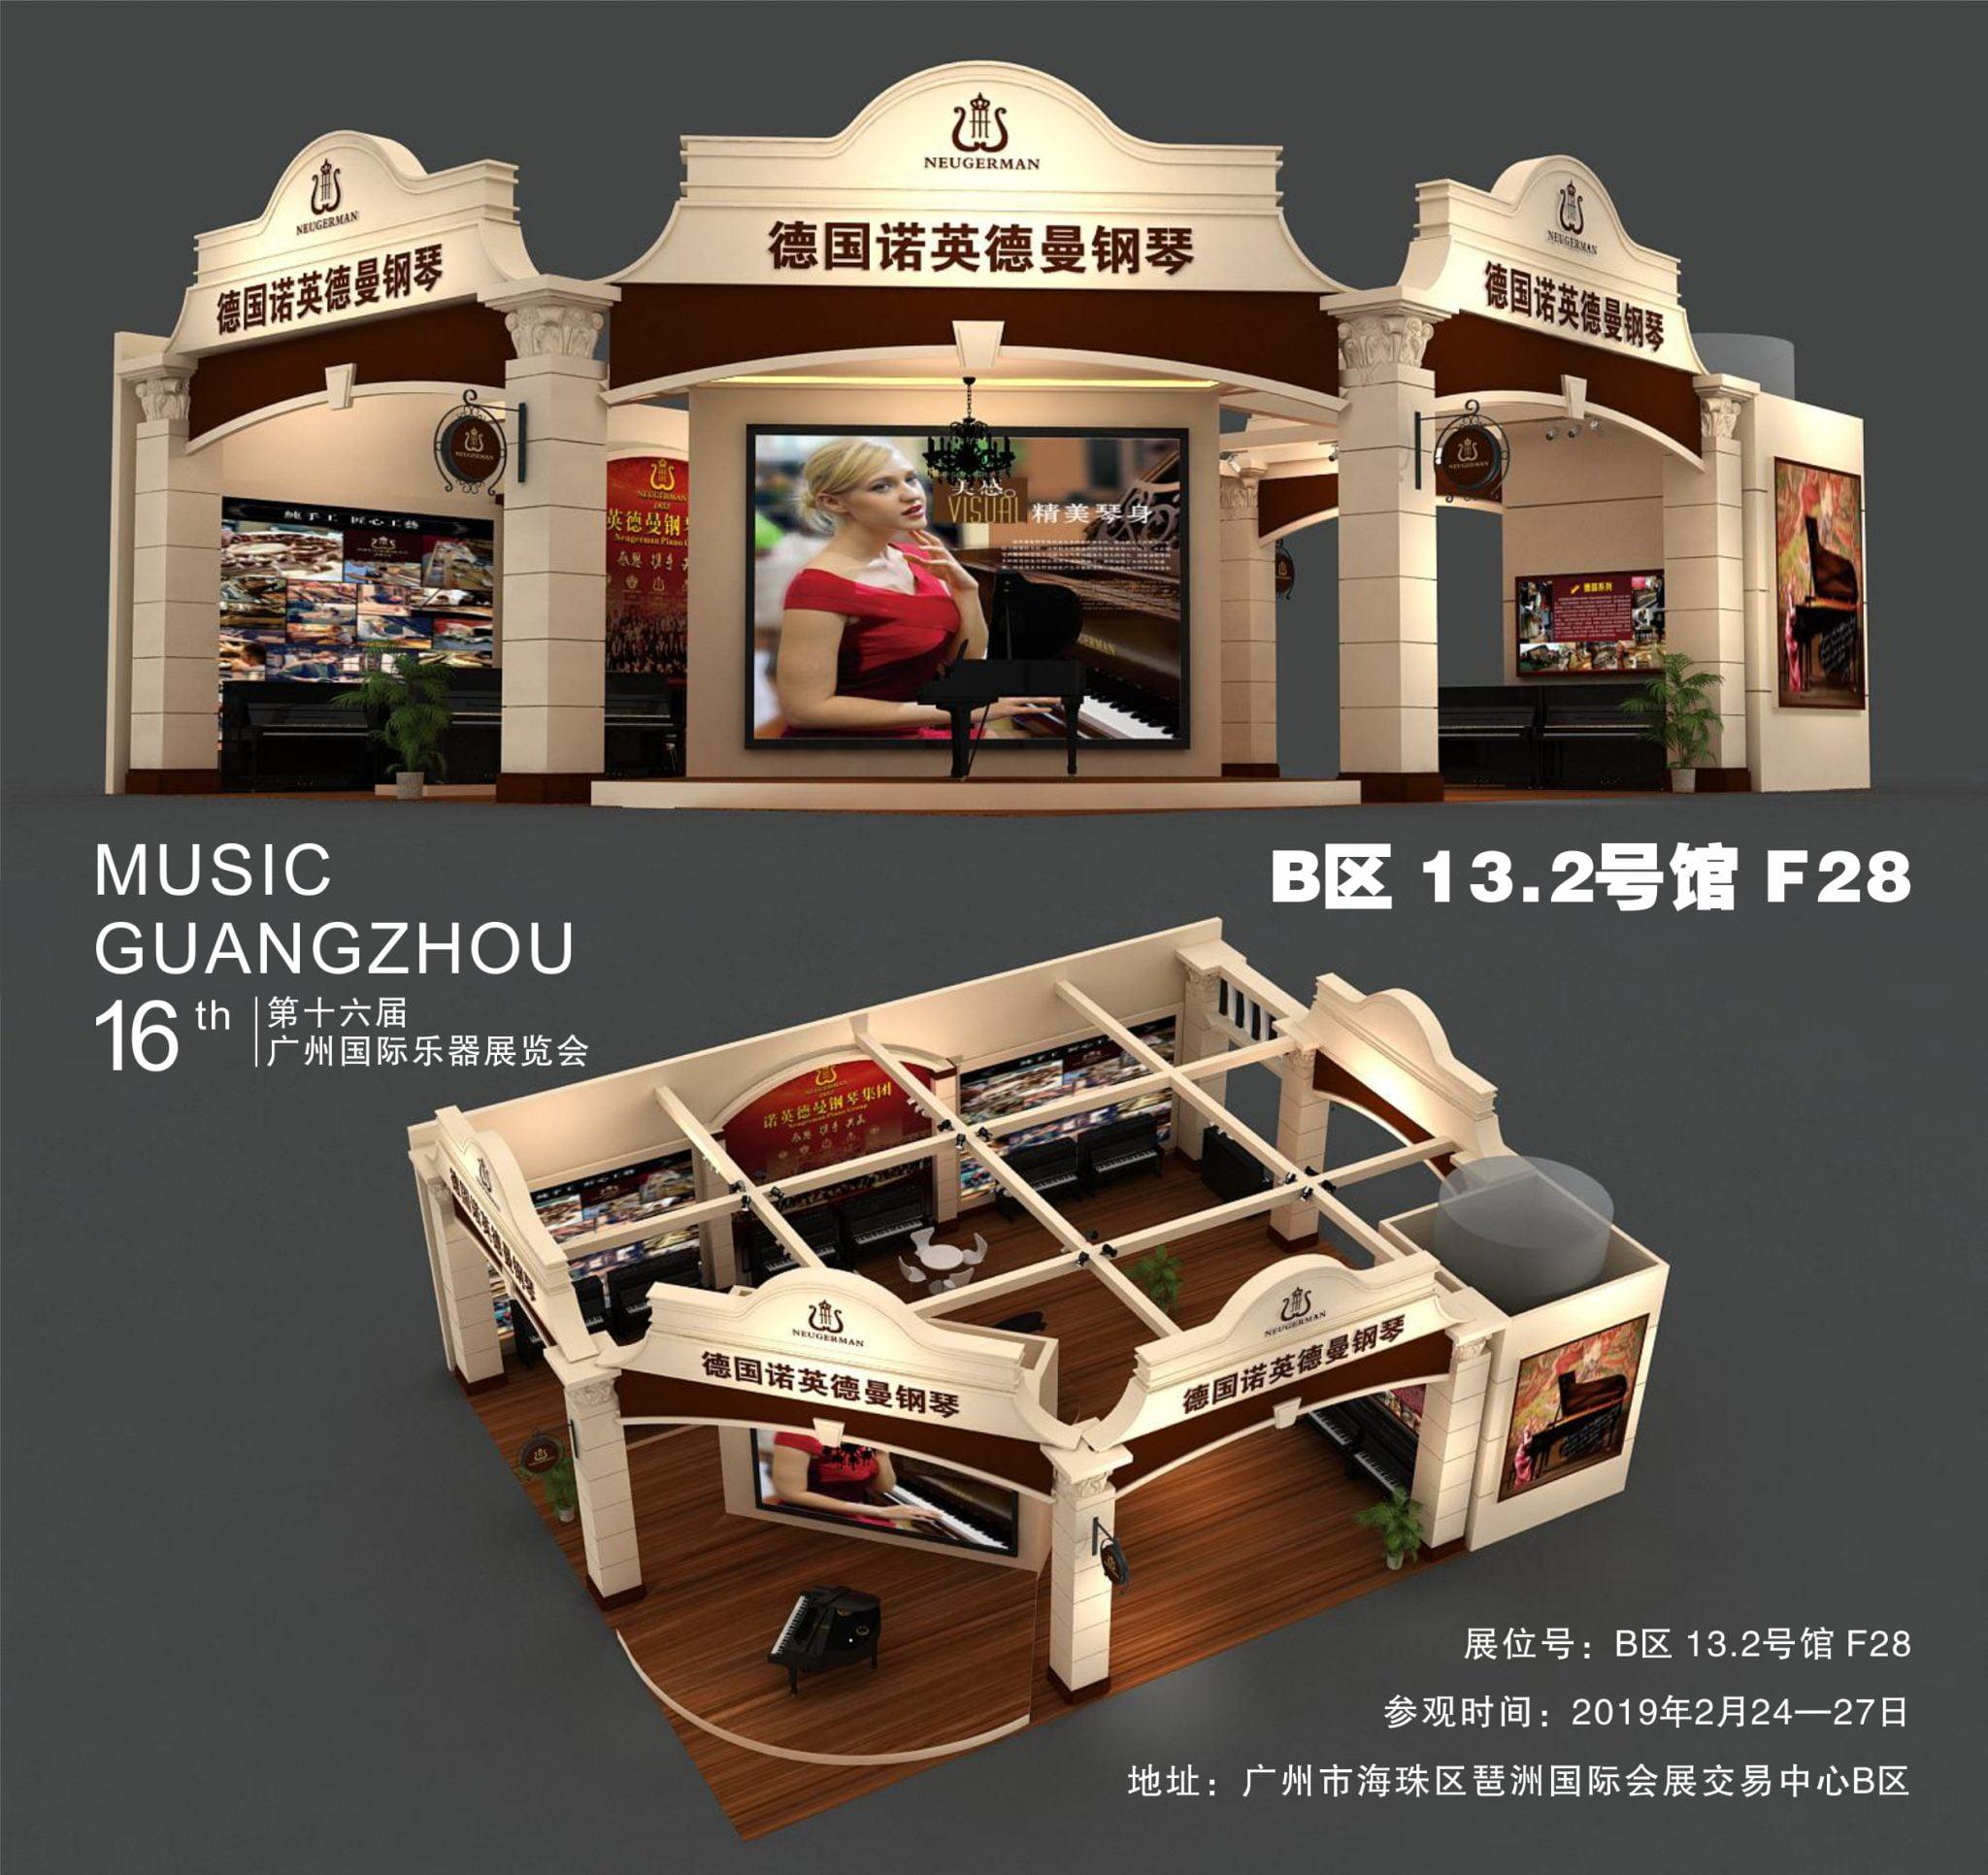 2019 广州国际乐器展览会-诺英德曼钢琴展位